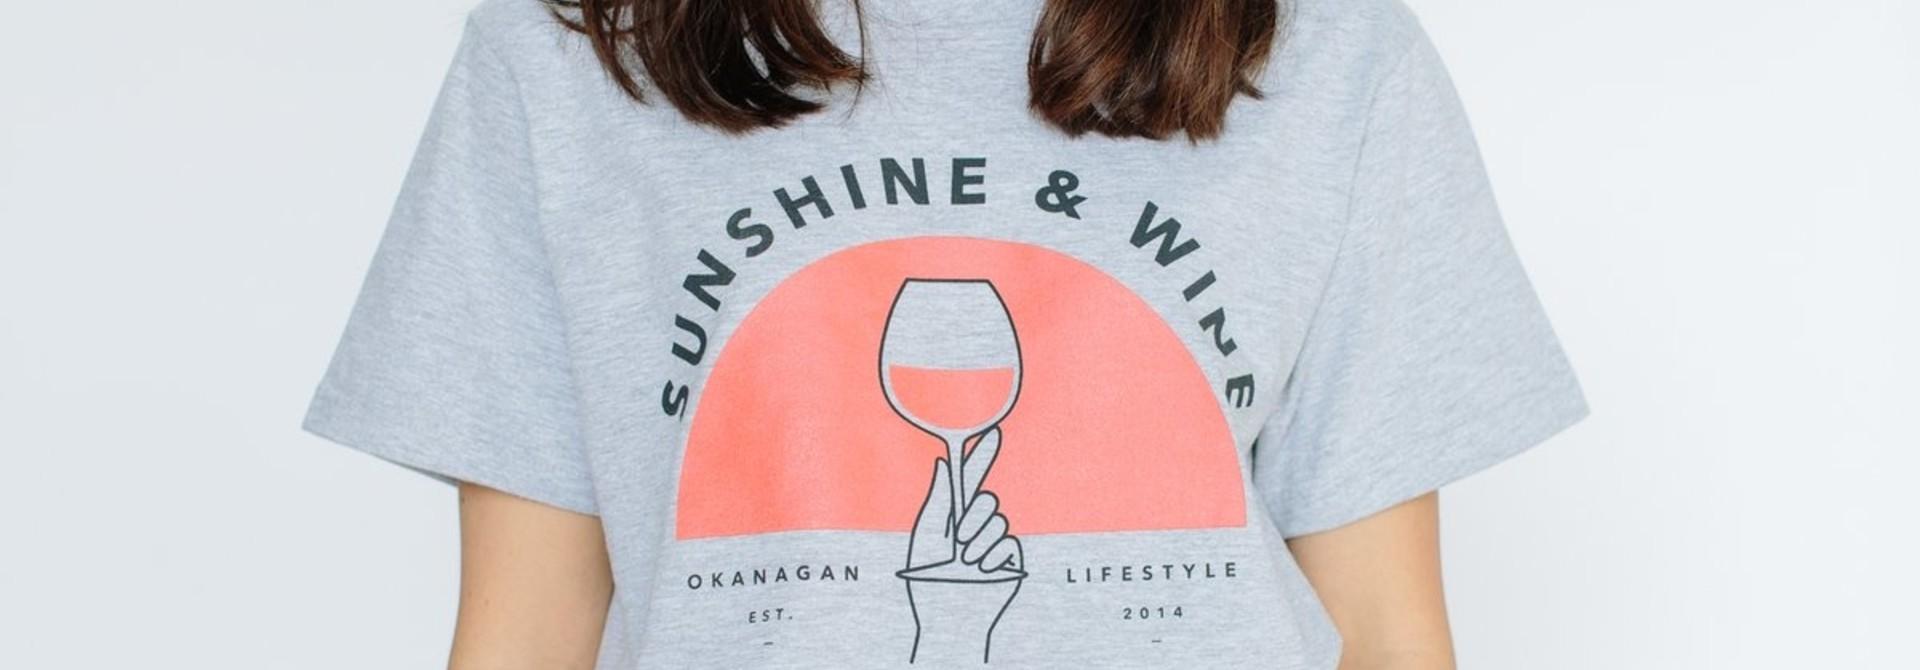 SUNSHINE AND WINE VINTAGE TEE